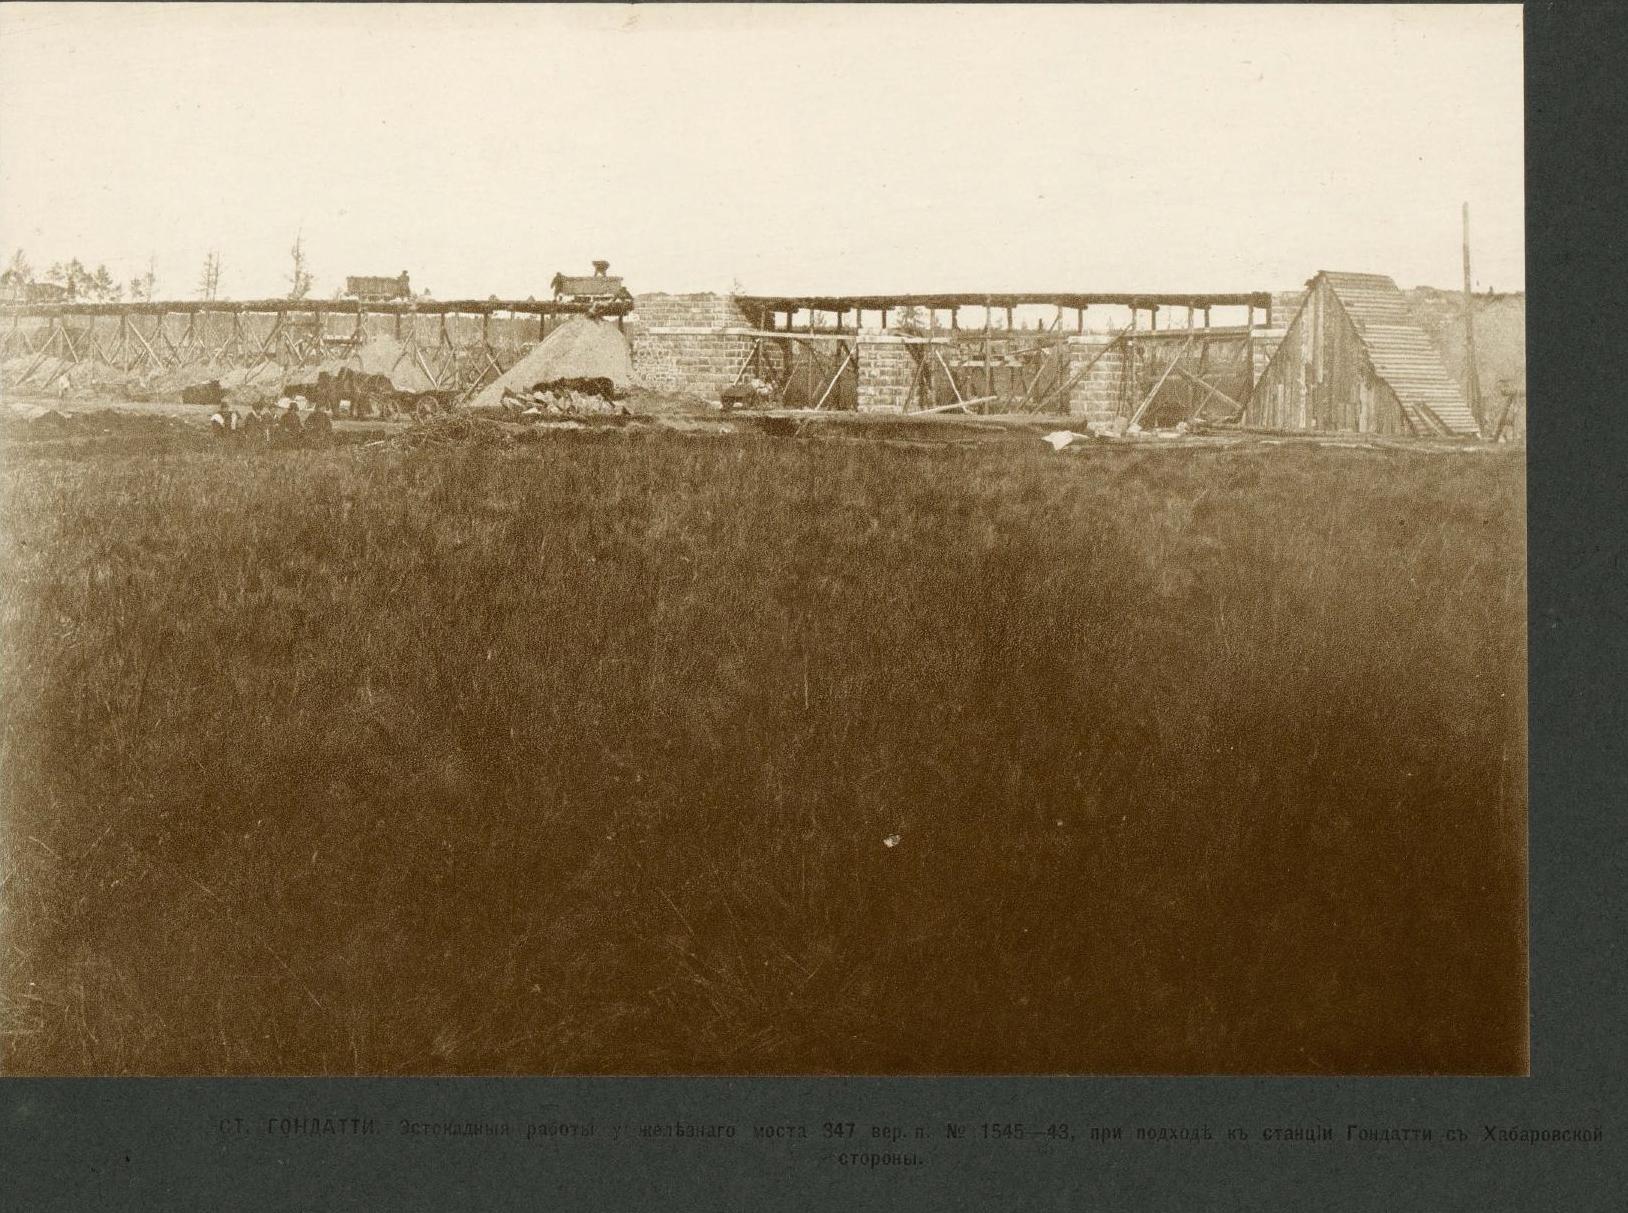 347 верста. Эстакадные работы у железного моста при подходе к станция Гондатти с Хабаровской стороны